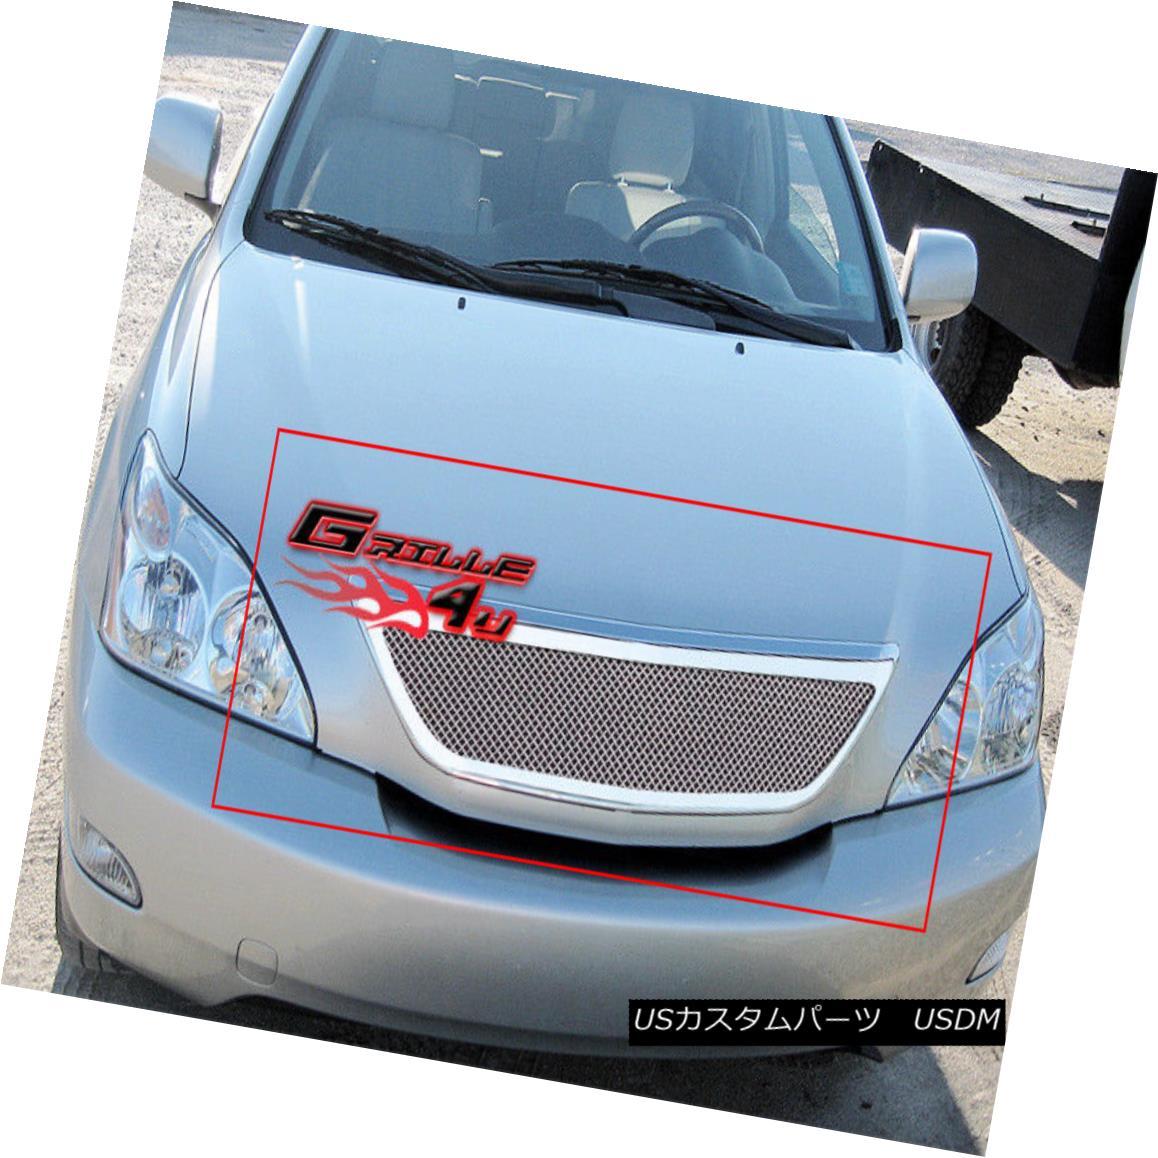 グリル For 04-06 Lexus RX330 Stainless Mesh Grille Insert 04-06レクサスRX330ステンレスメッシュグリルインサート